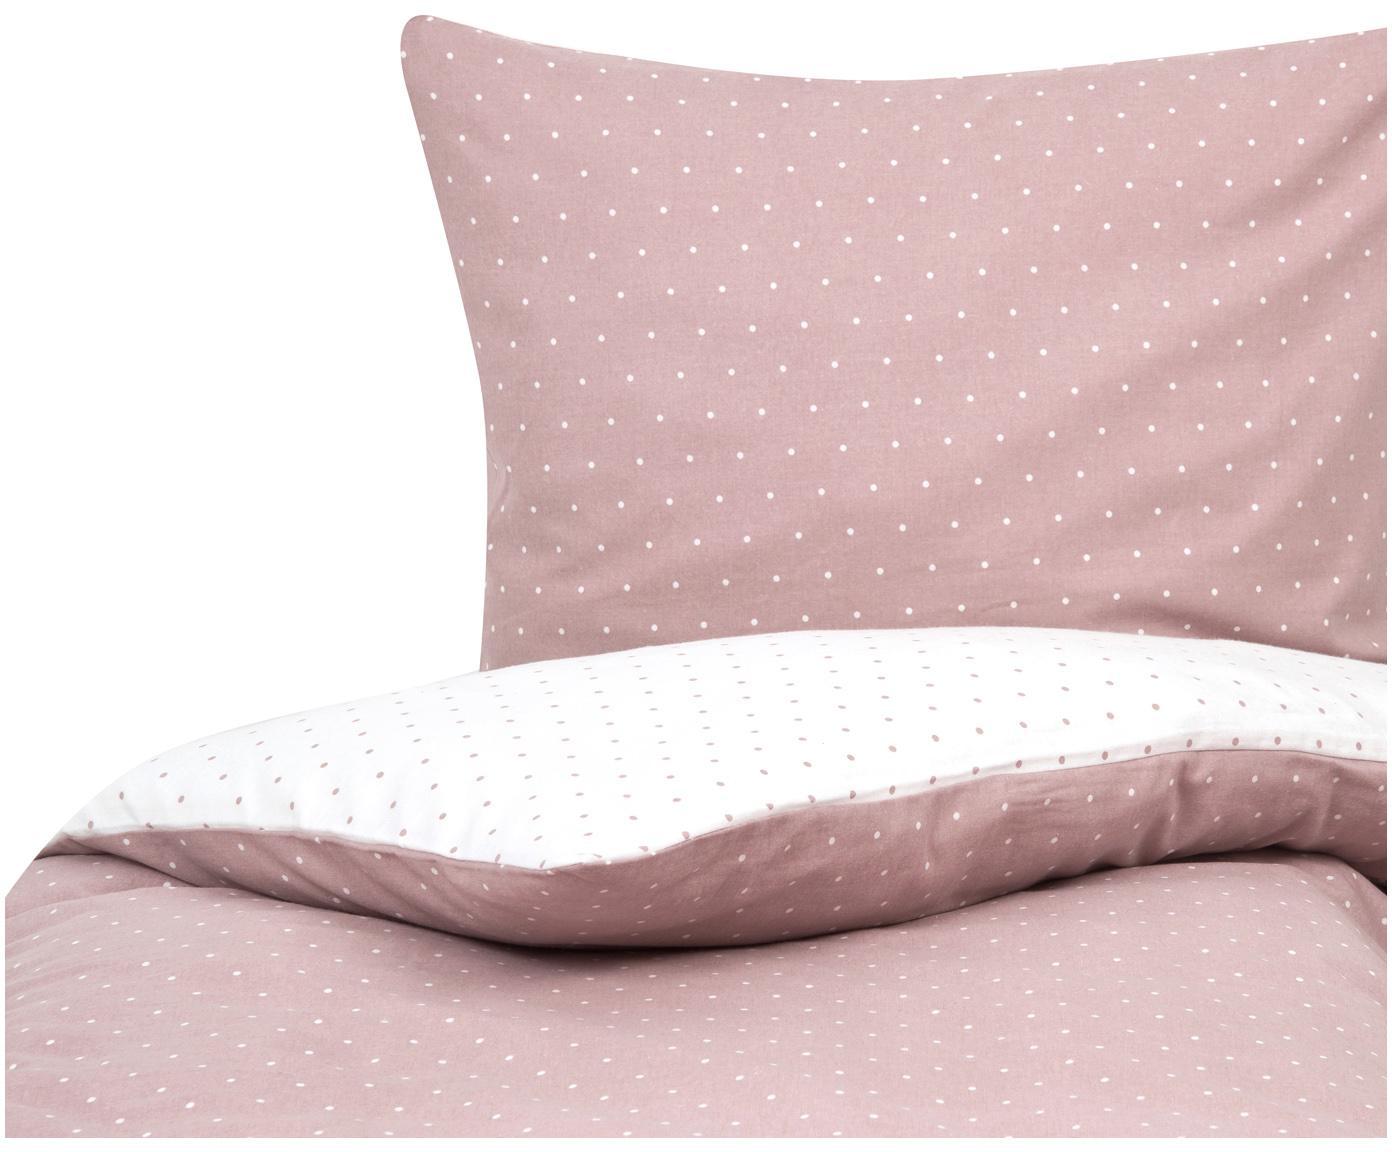 Flanell-Wendebettwäsche Betty, gepunktet, Webart: Flanell Flanell ist ein s, Altrosa, Weiss, 155 x 220 cm + 1 Kissen 80 x 80 cm